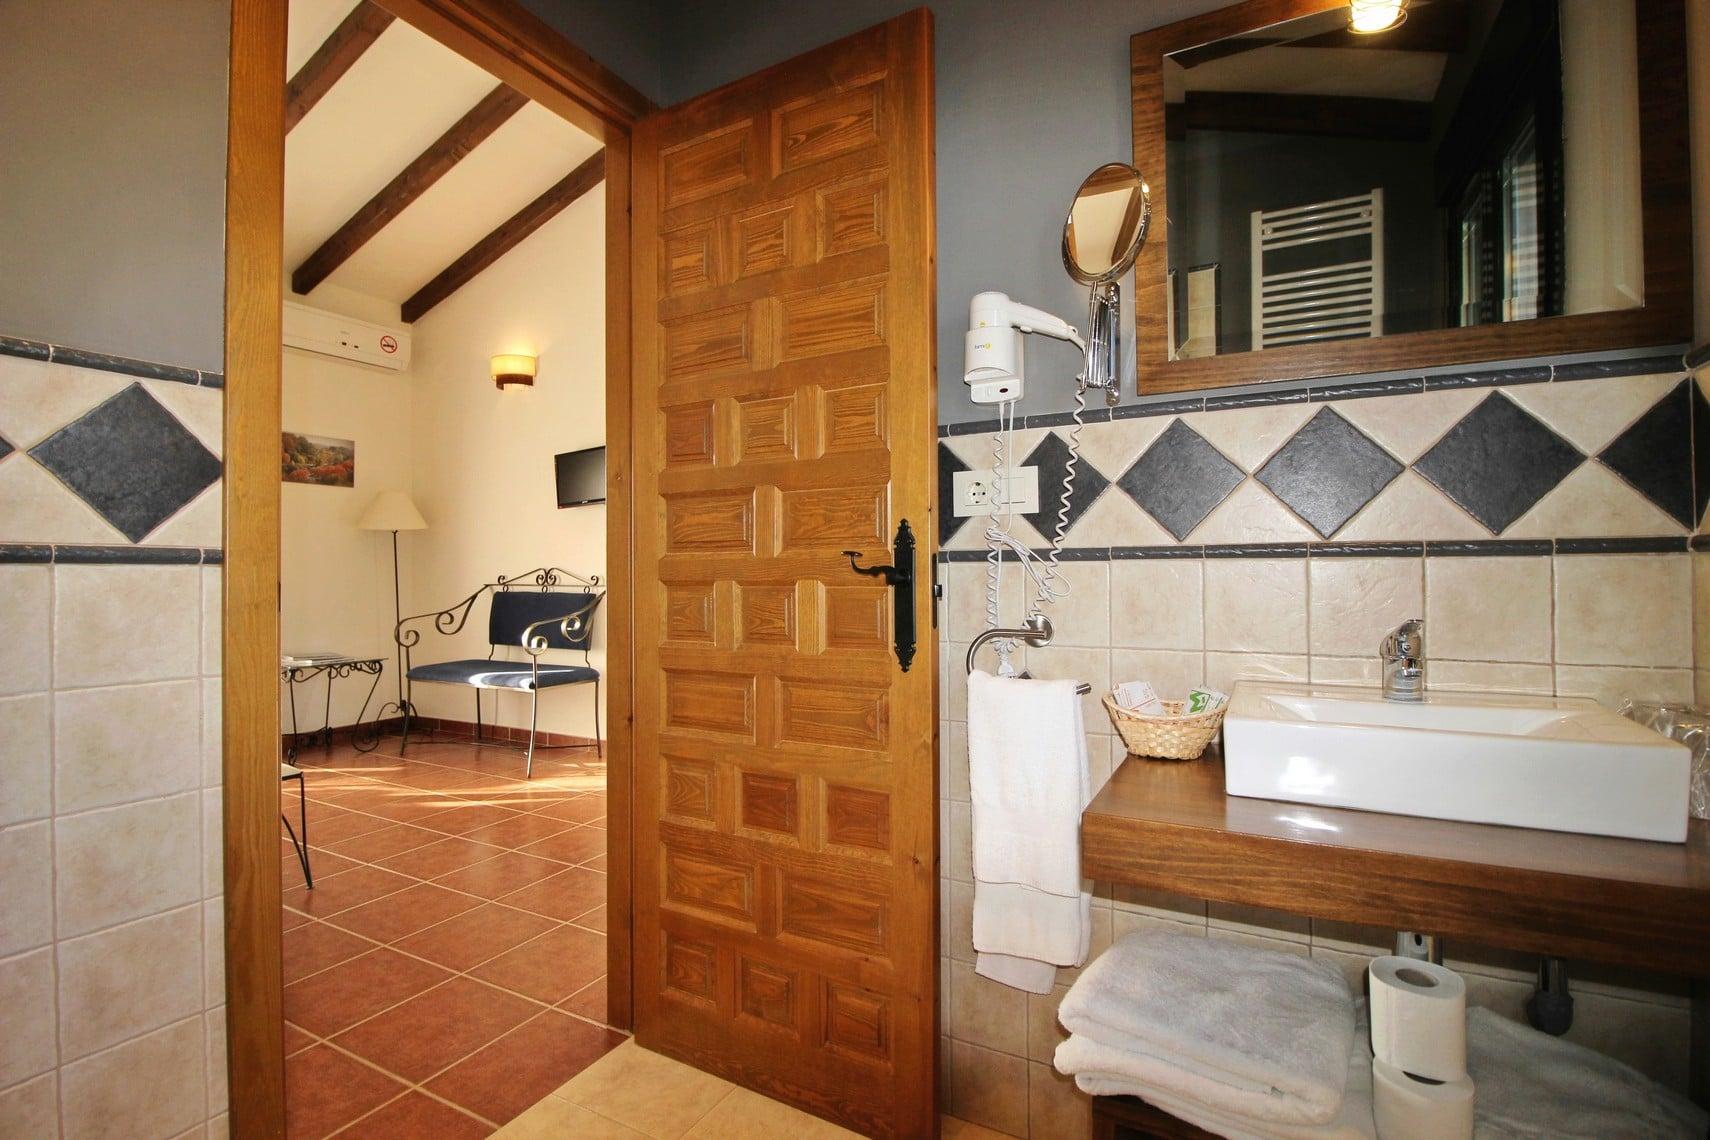 Habitación 2 el secadero 00009